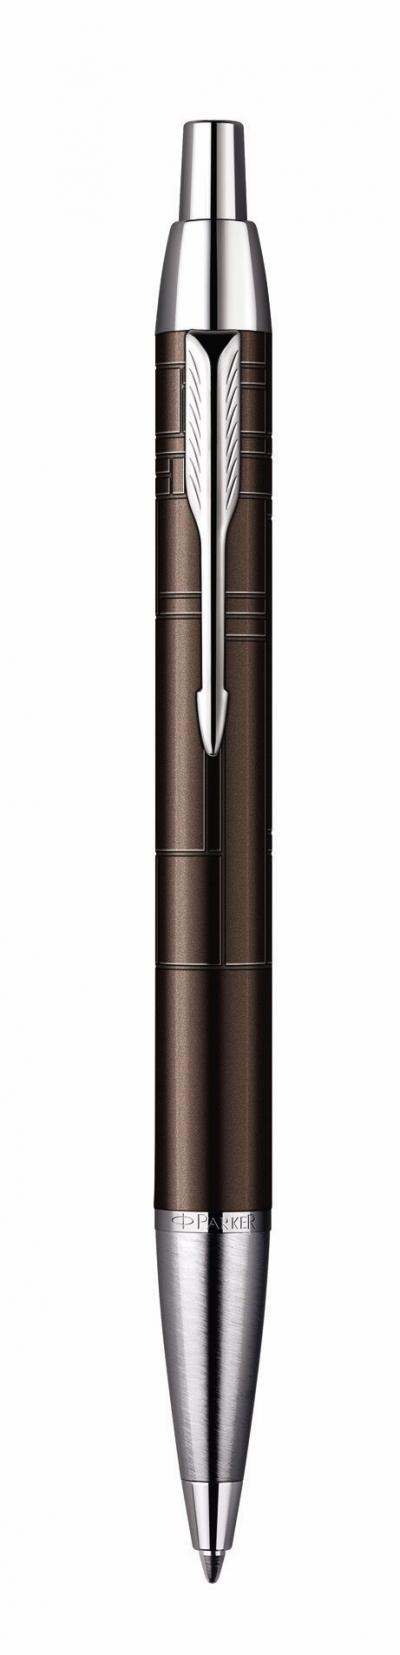 Ekskluzywny długopis Parker I.M premium (S0949730)